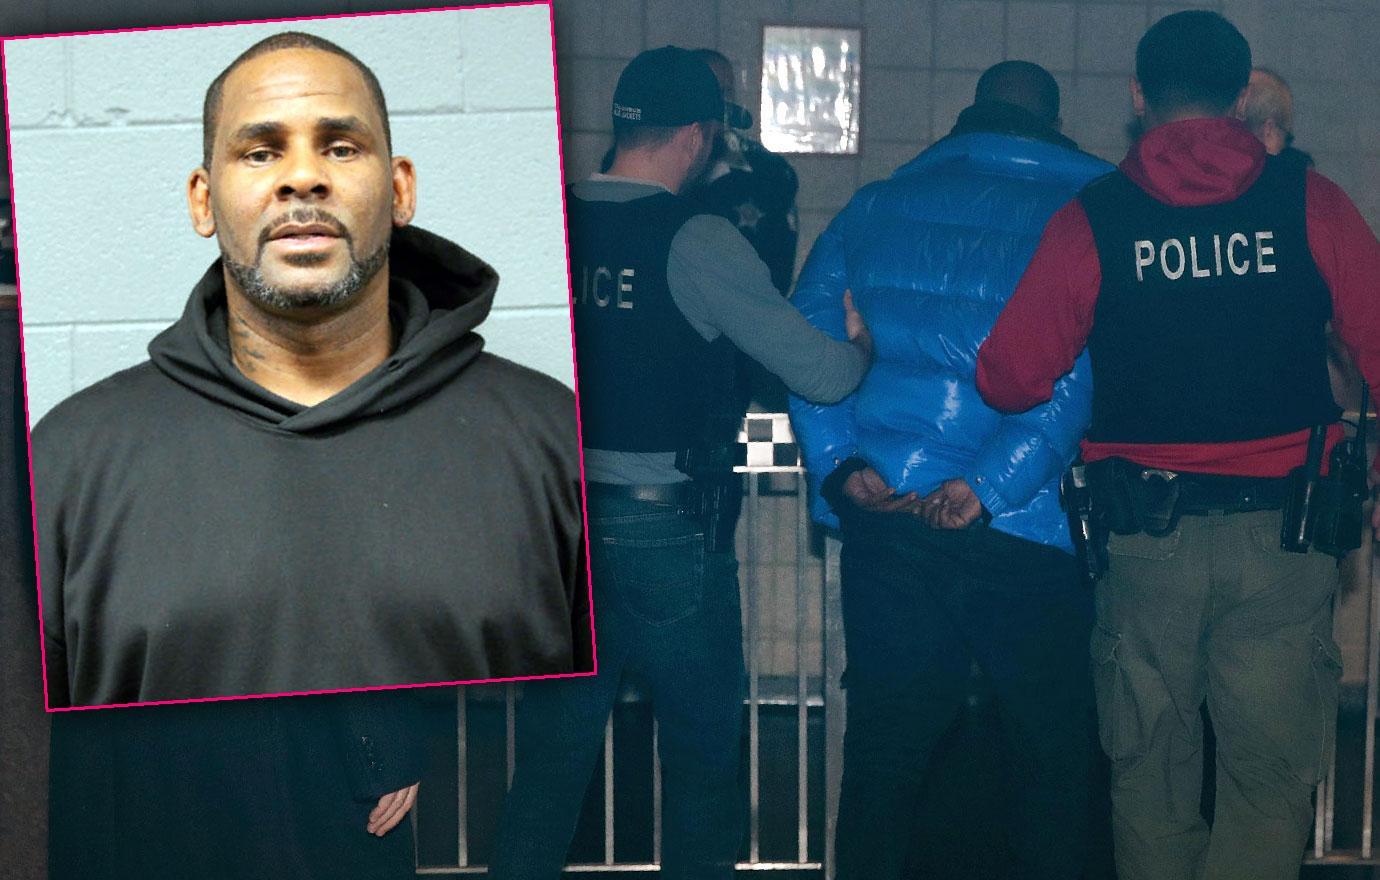 R Kelly Arrested For Sex Abuse Mug Shot